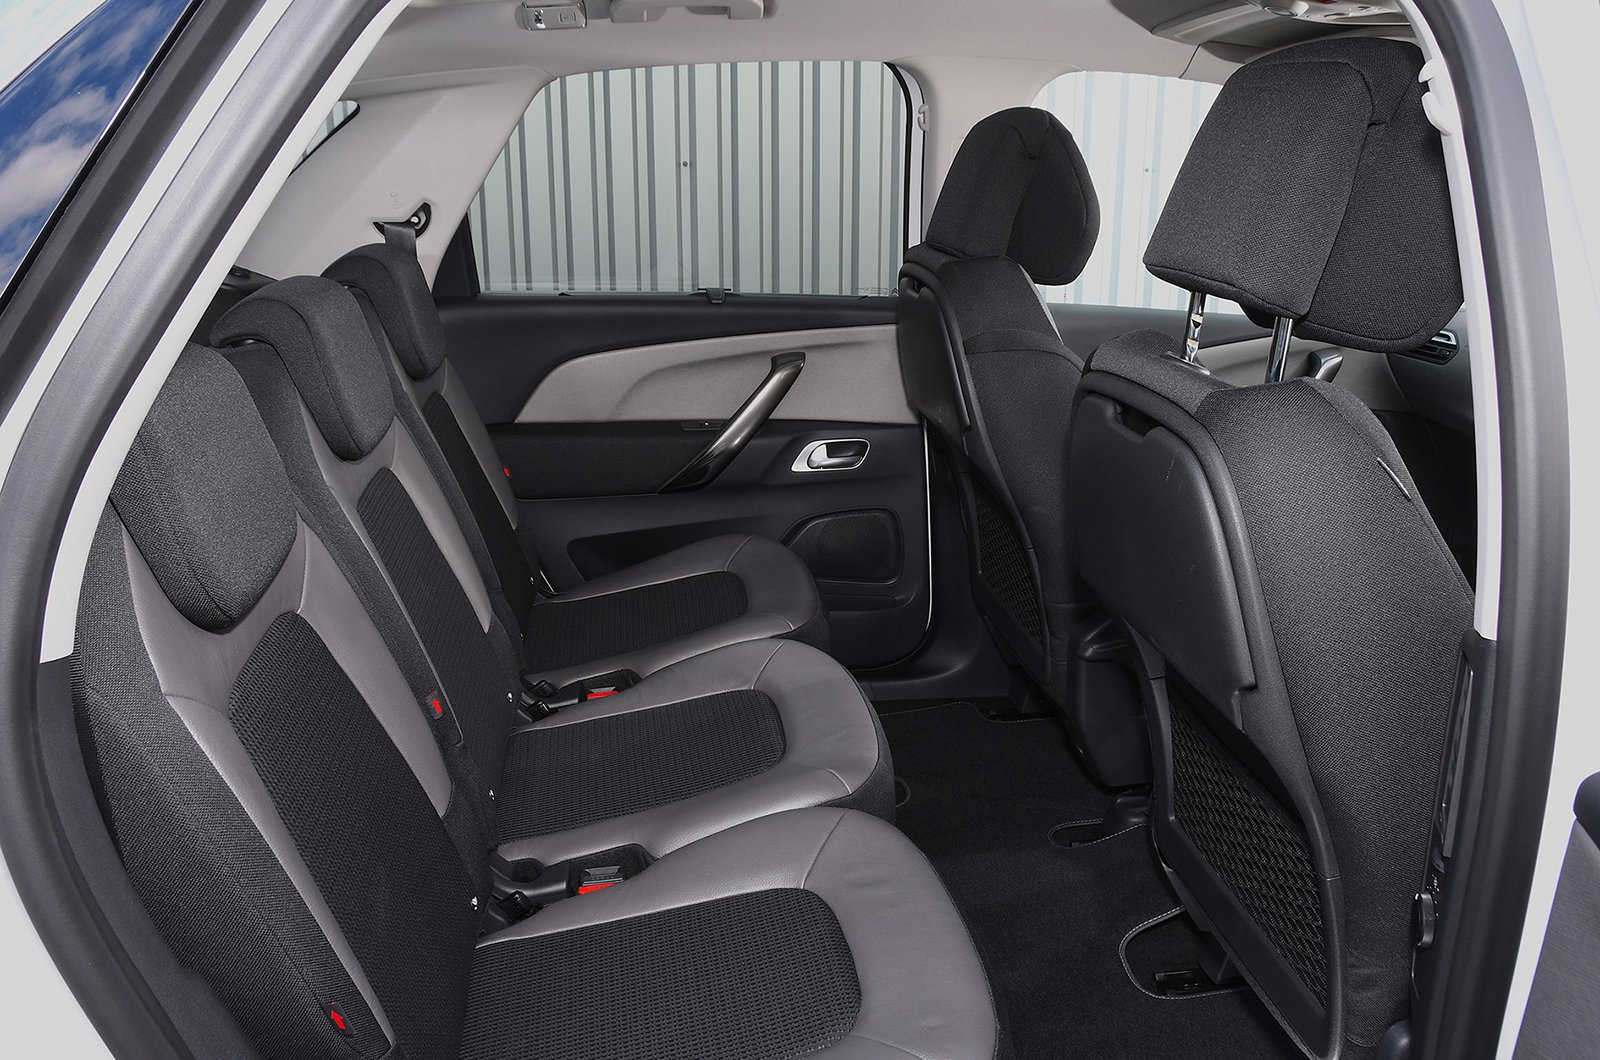 Citroën C4 Spacetourer rear leg room